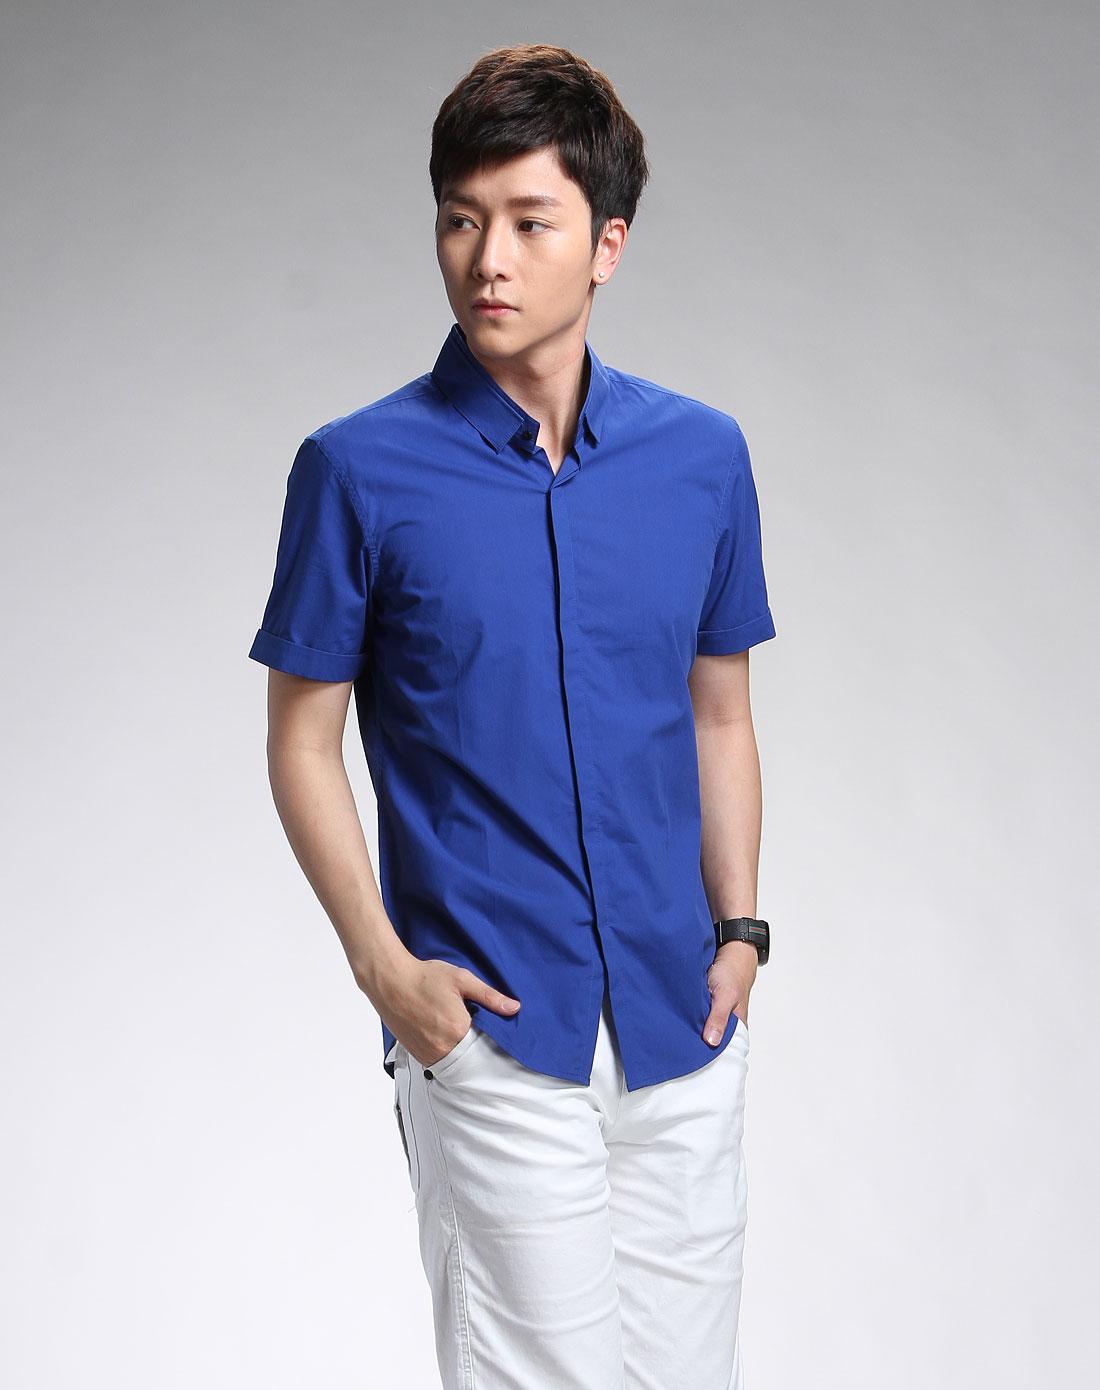 男款深蓝色短袖衬衫